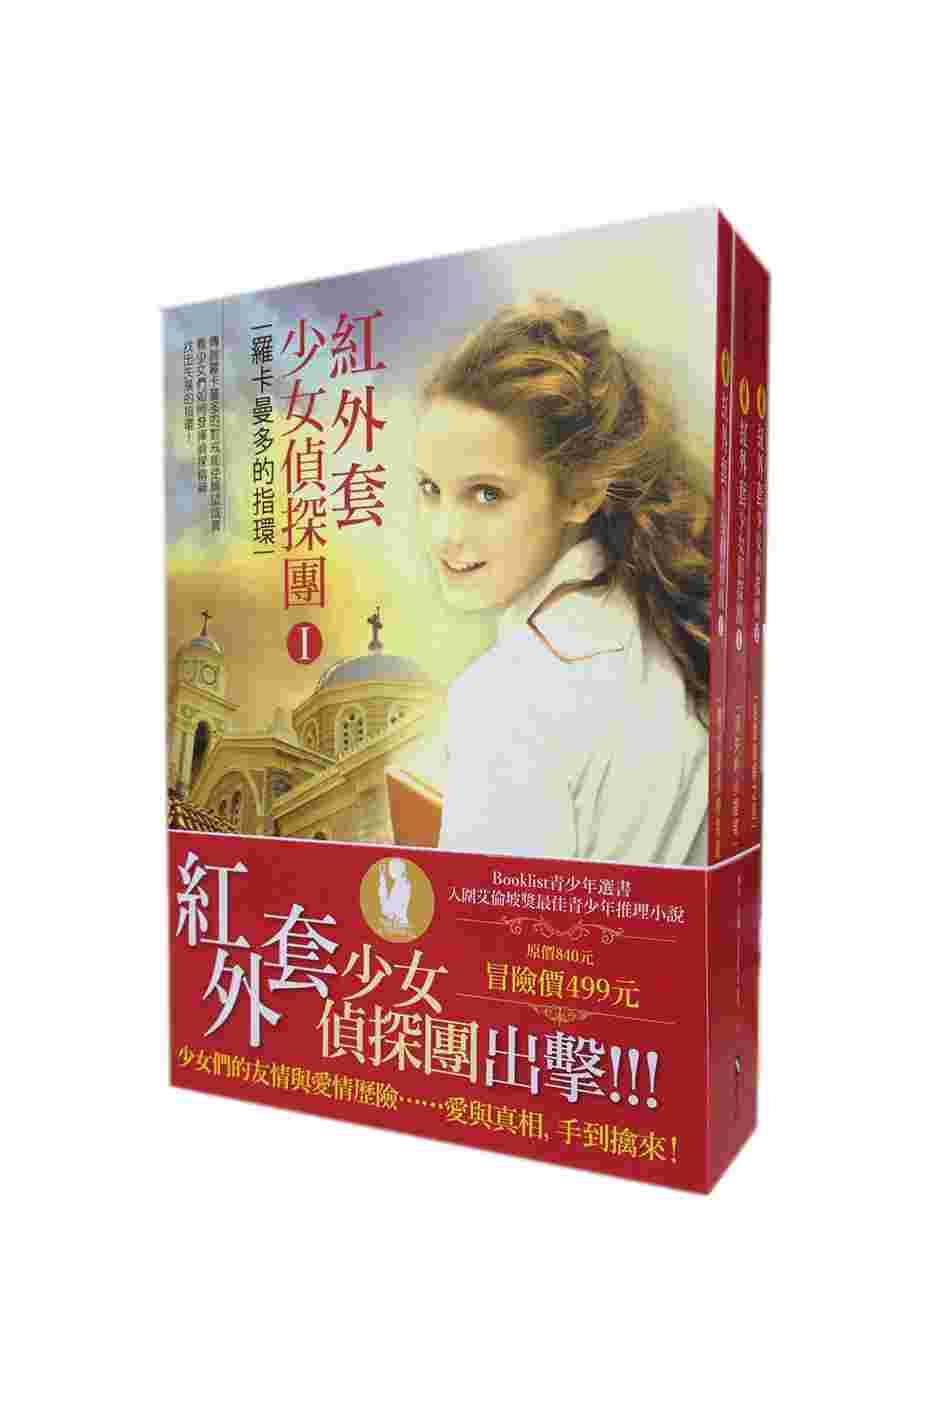 紅外套三部曲套書 (羅卡曼多的指環/消失的小提琴/名畫真假之謎)